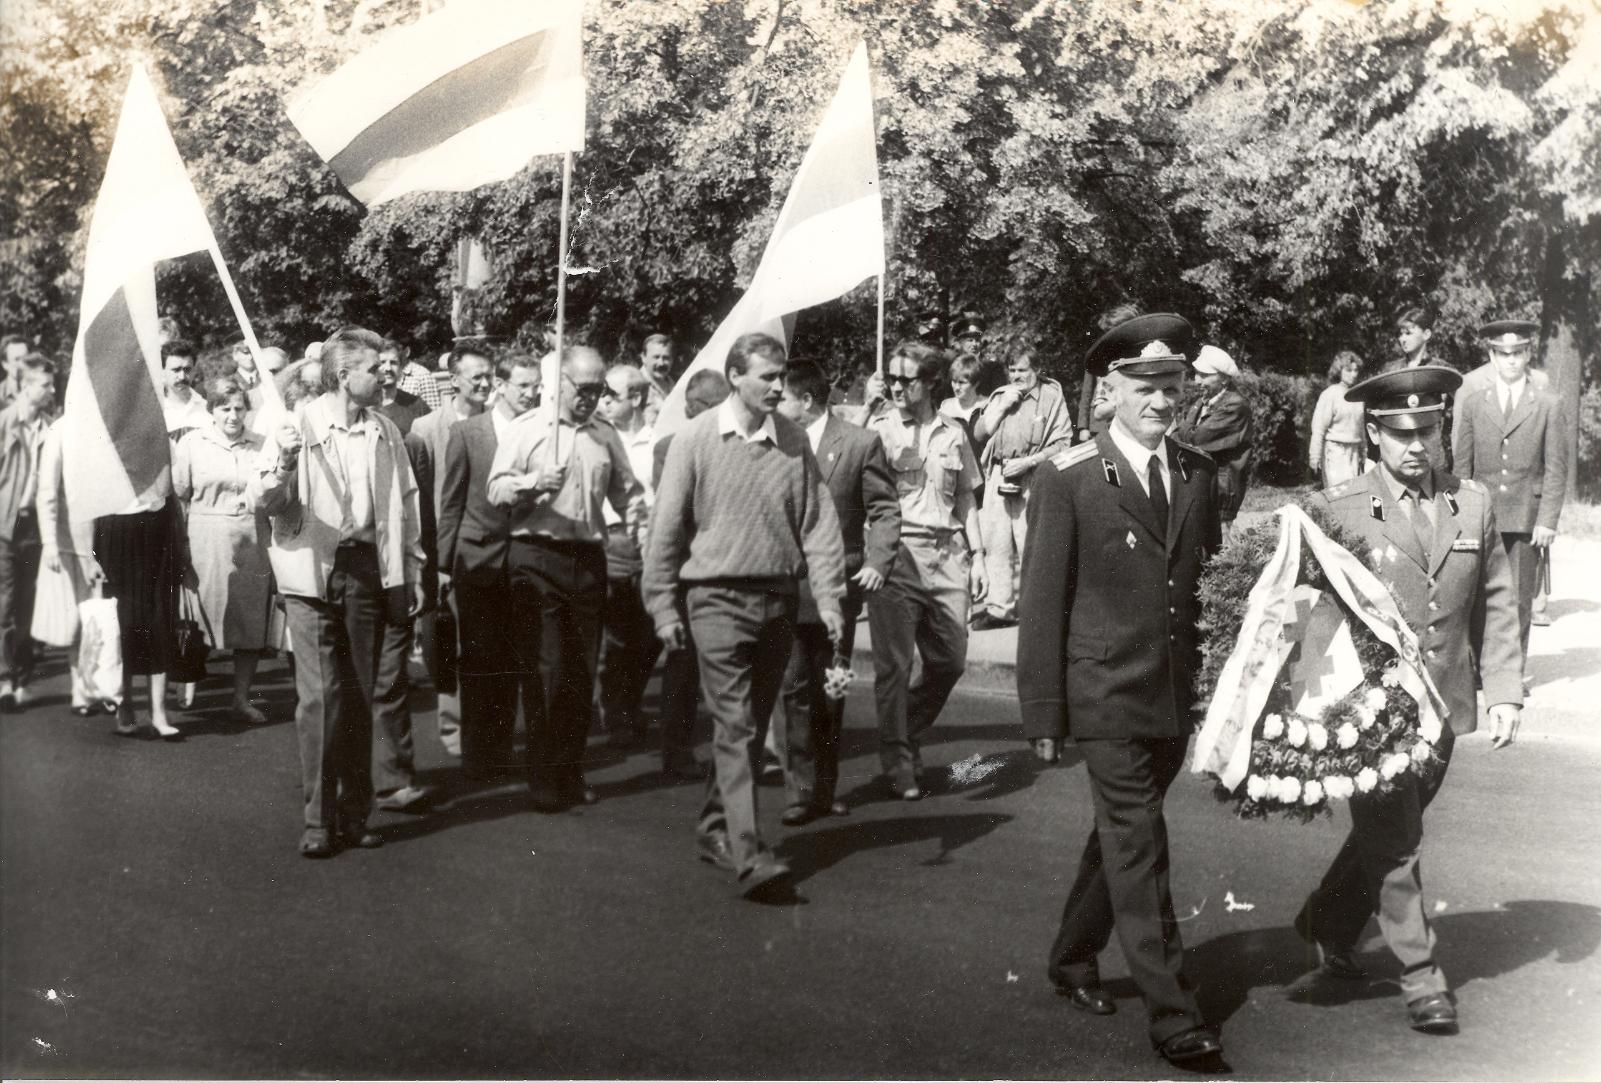 Ускладанне вянкоў і кветак сябрамі БЗВ на плошчы Перамогі. 1993 год.